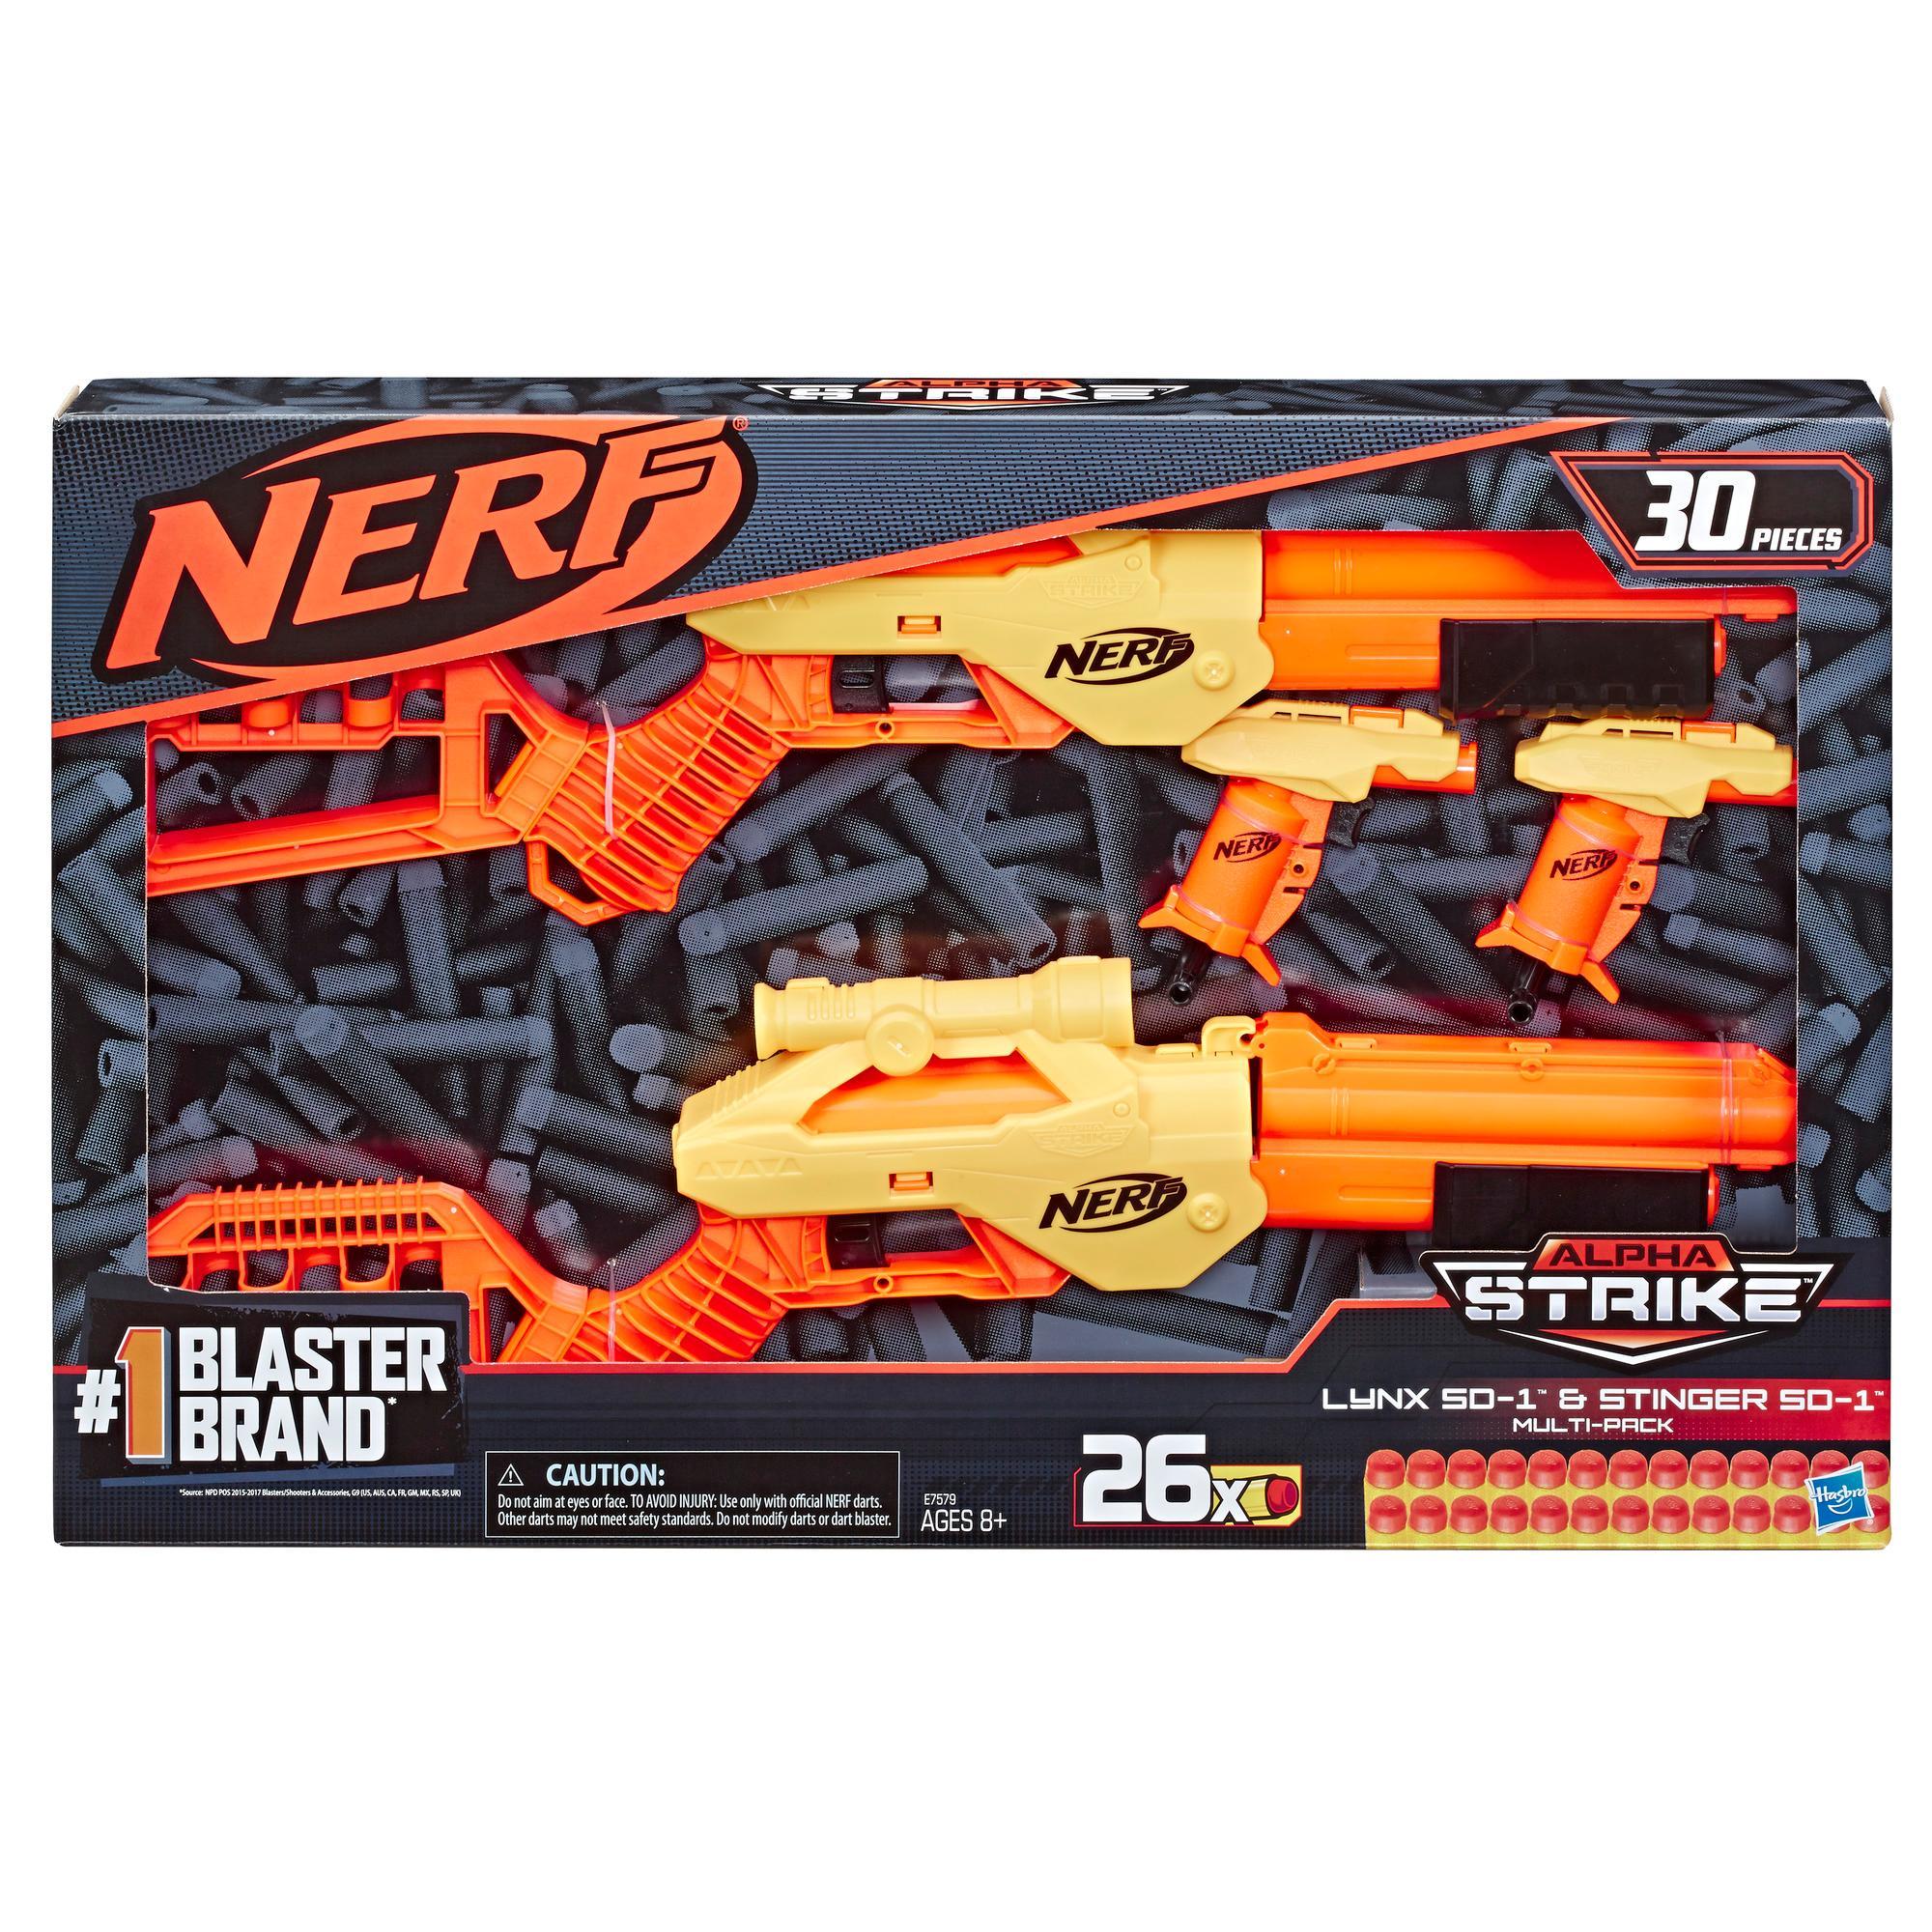 Ensemble multiple de 30 pièces avec blasters Lynx SD-1 et Stinger SD-1 Nerf Alpha Strike